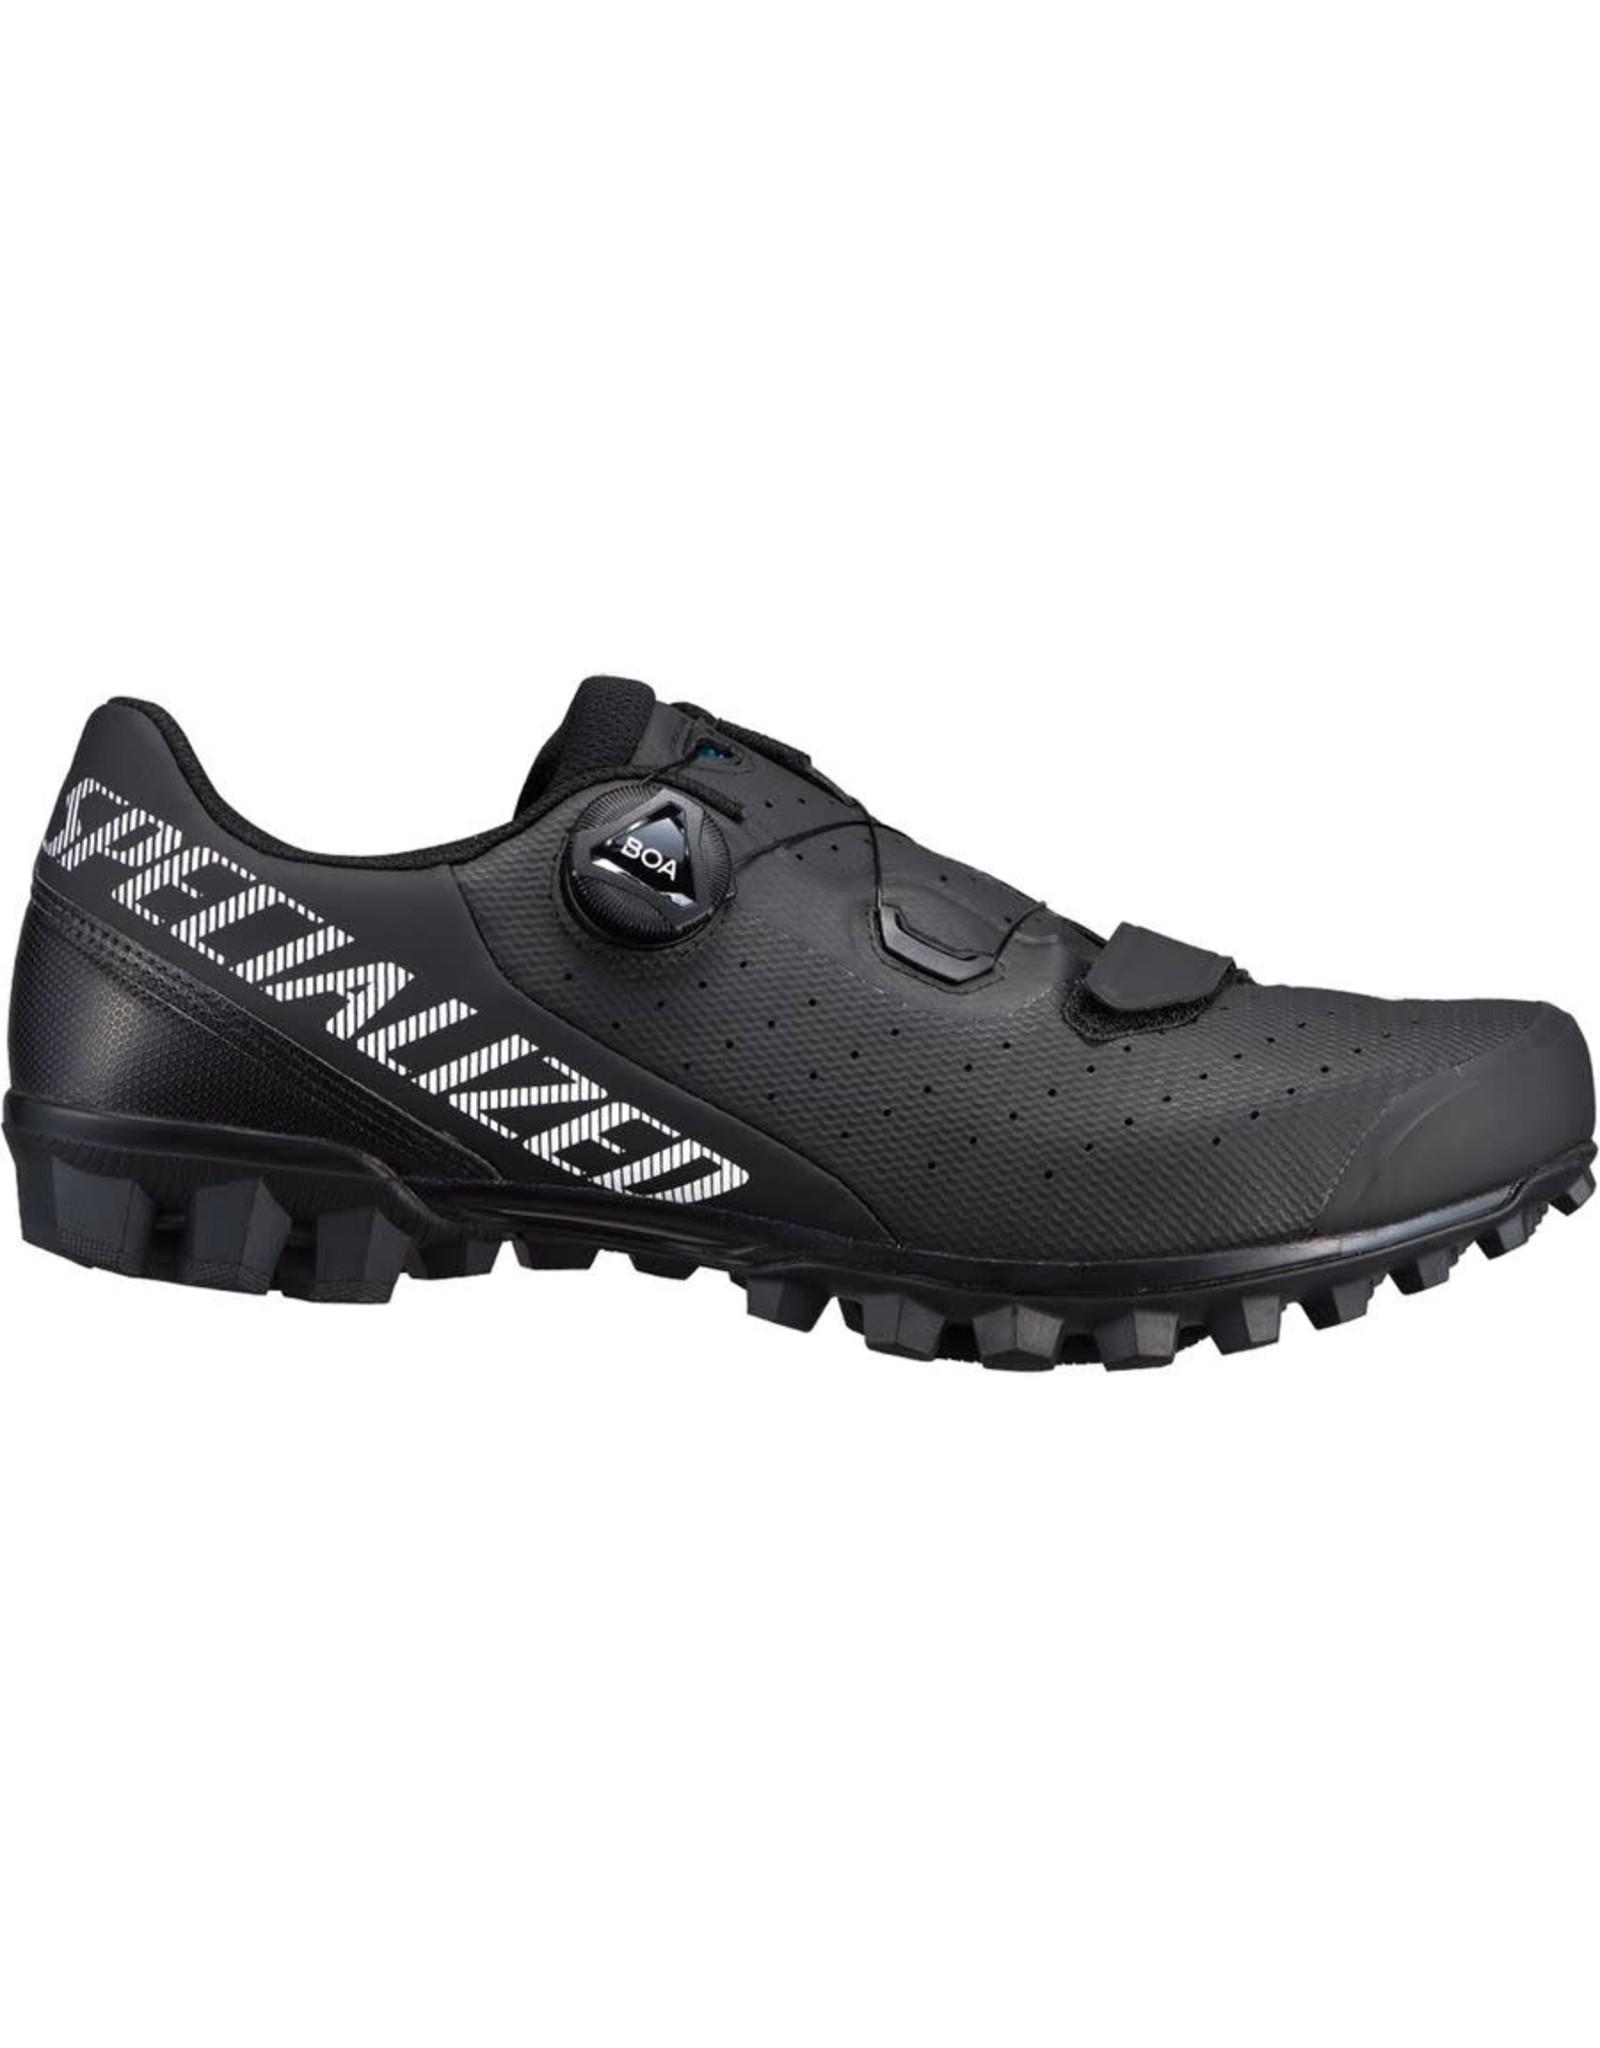 Specialized Shoe Spec Recon 2.0 Blk 40